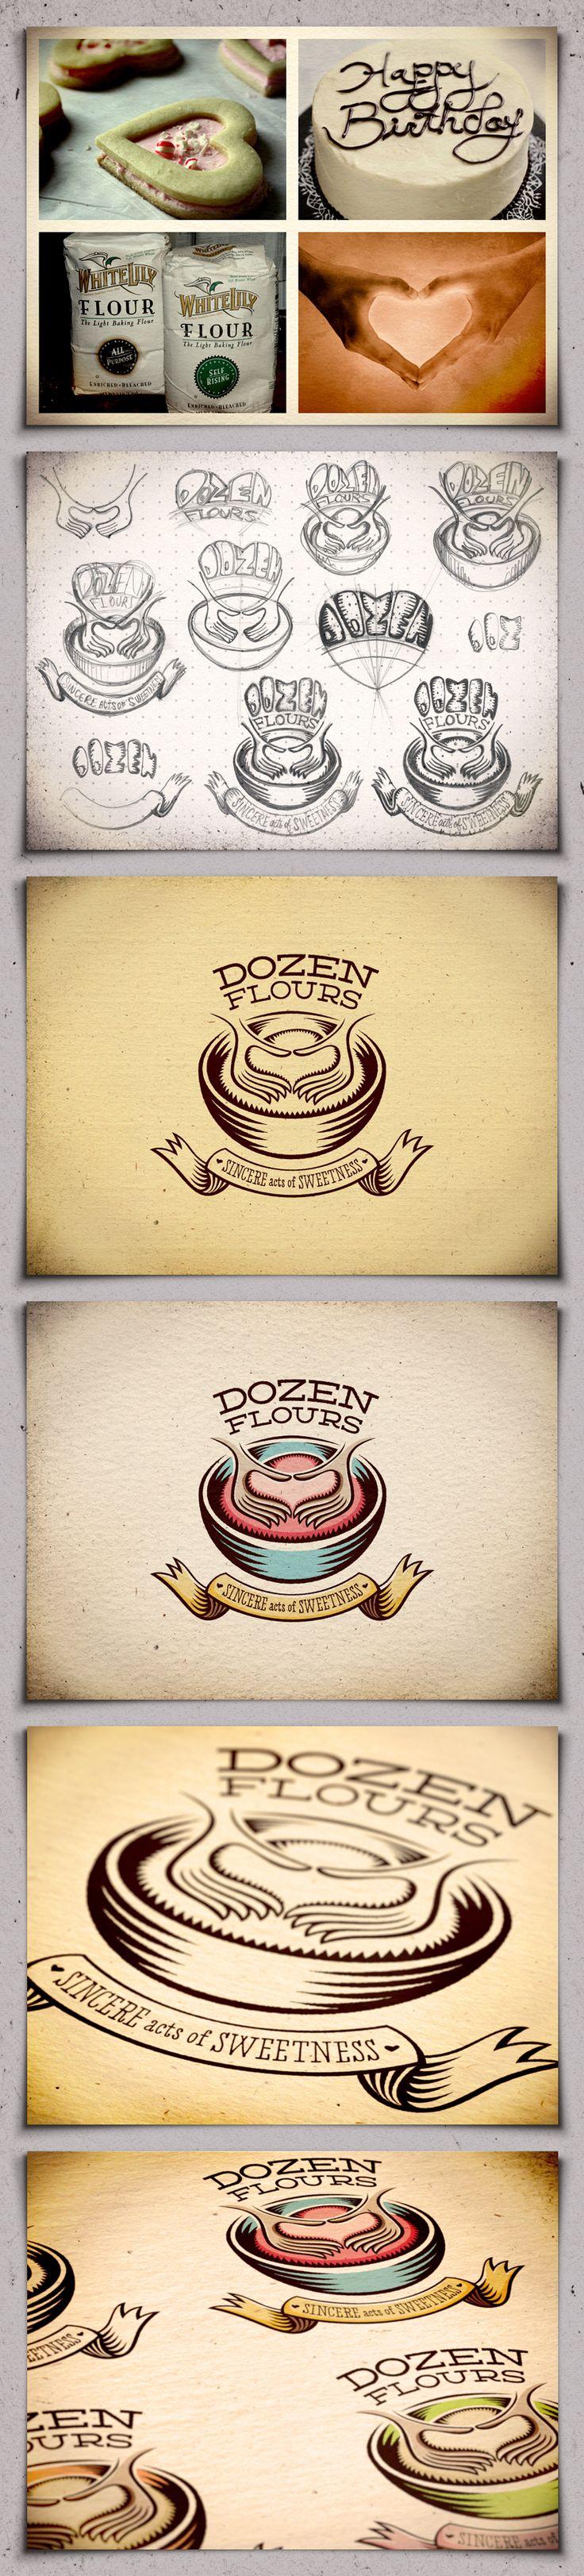 Av-dozen-flours02-attachment-6images: Baking Blog, Branding Design, Flours02 Attachment, Dozen Flours02, Logo Icon Typography Design, Favorite Pin Terest, Blog Identity, Logos Marks Identity, Branding Logo Gasm